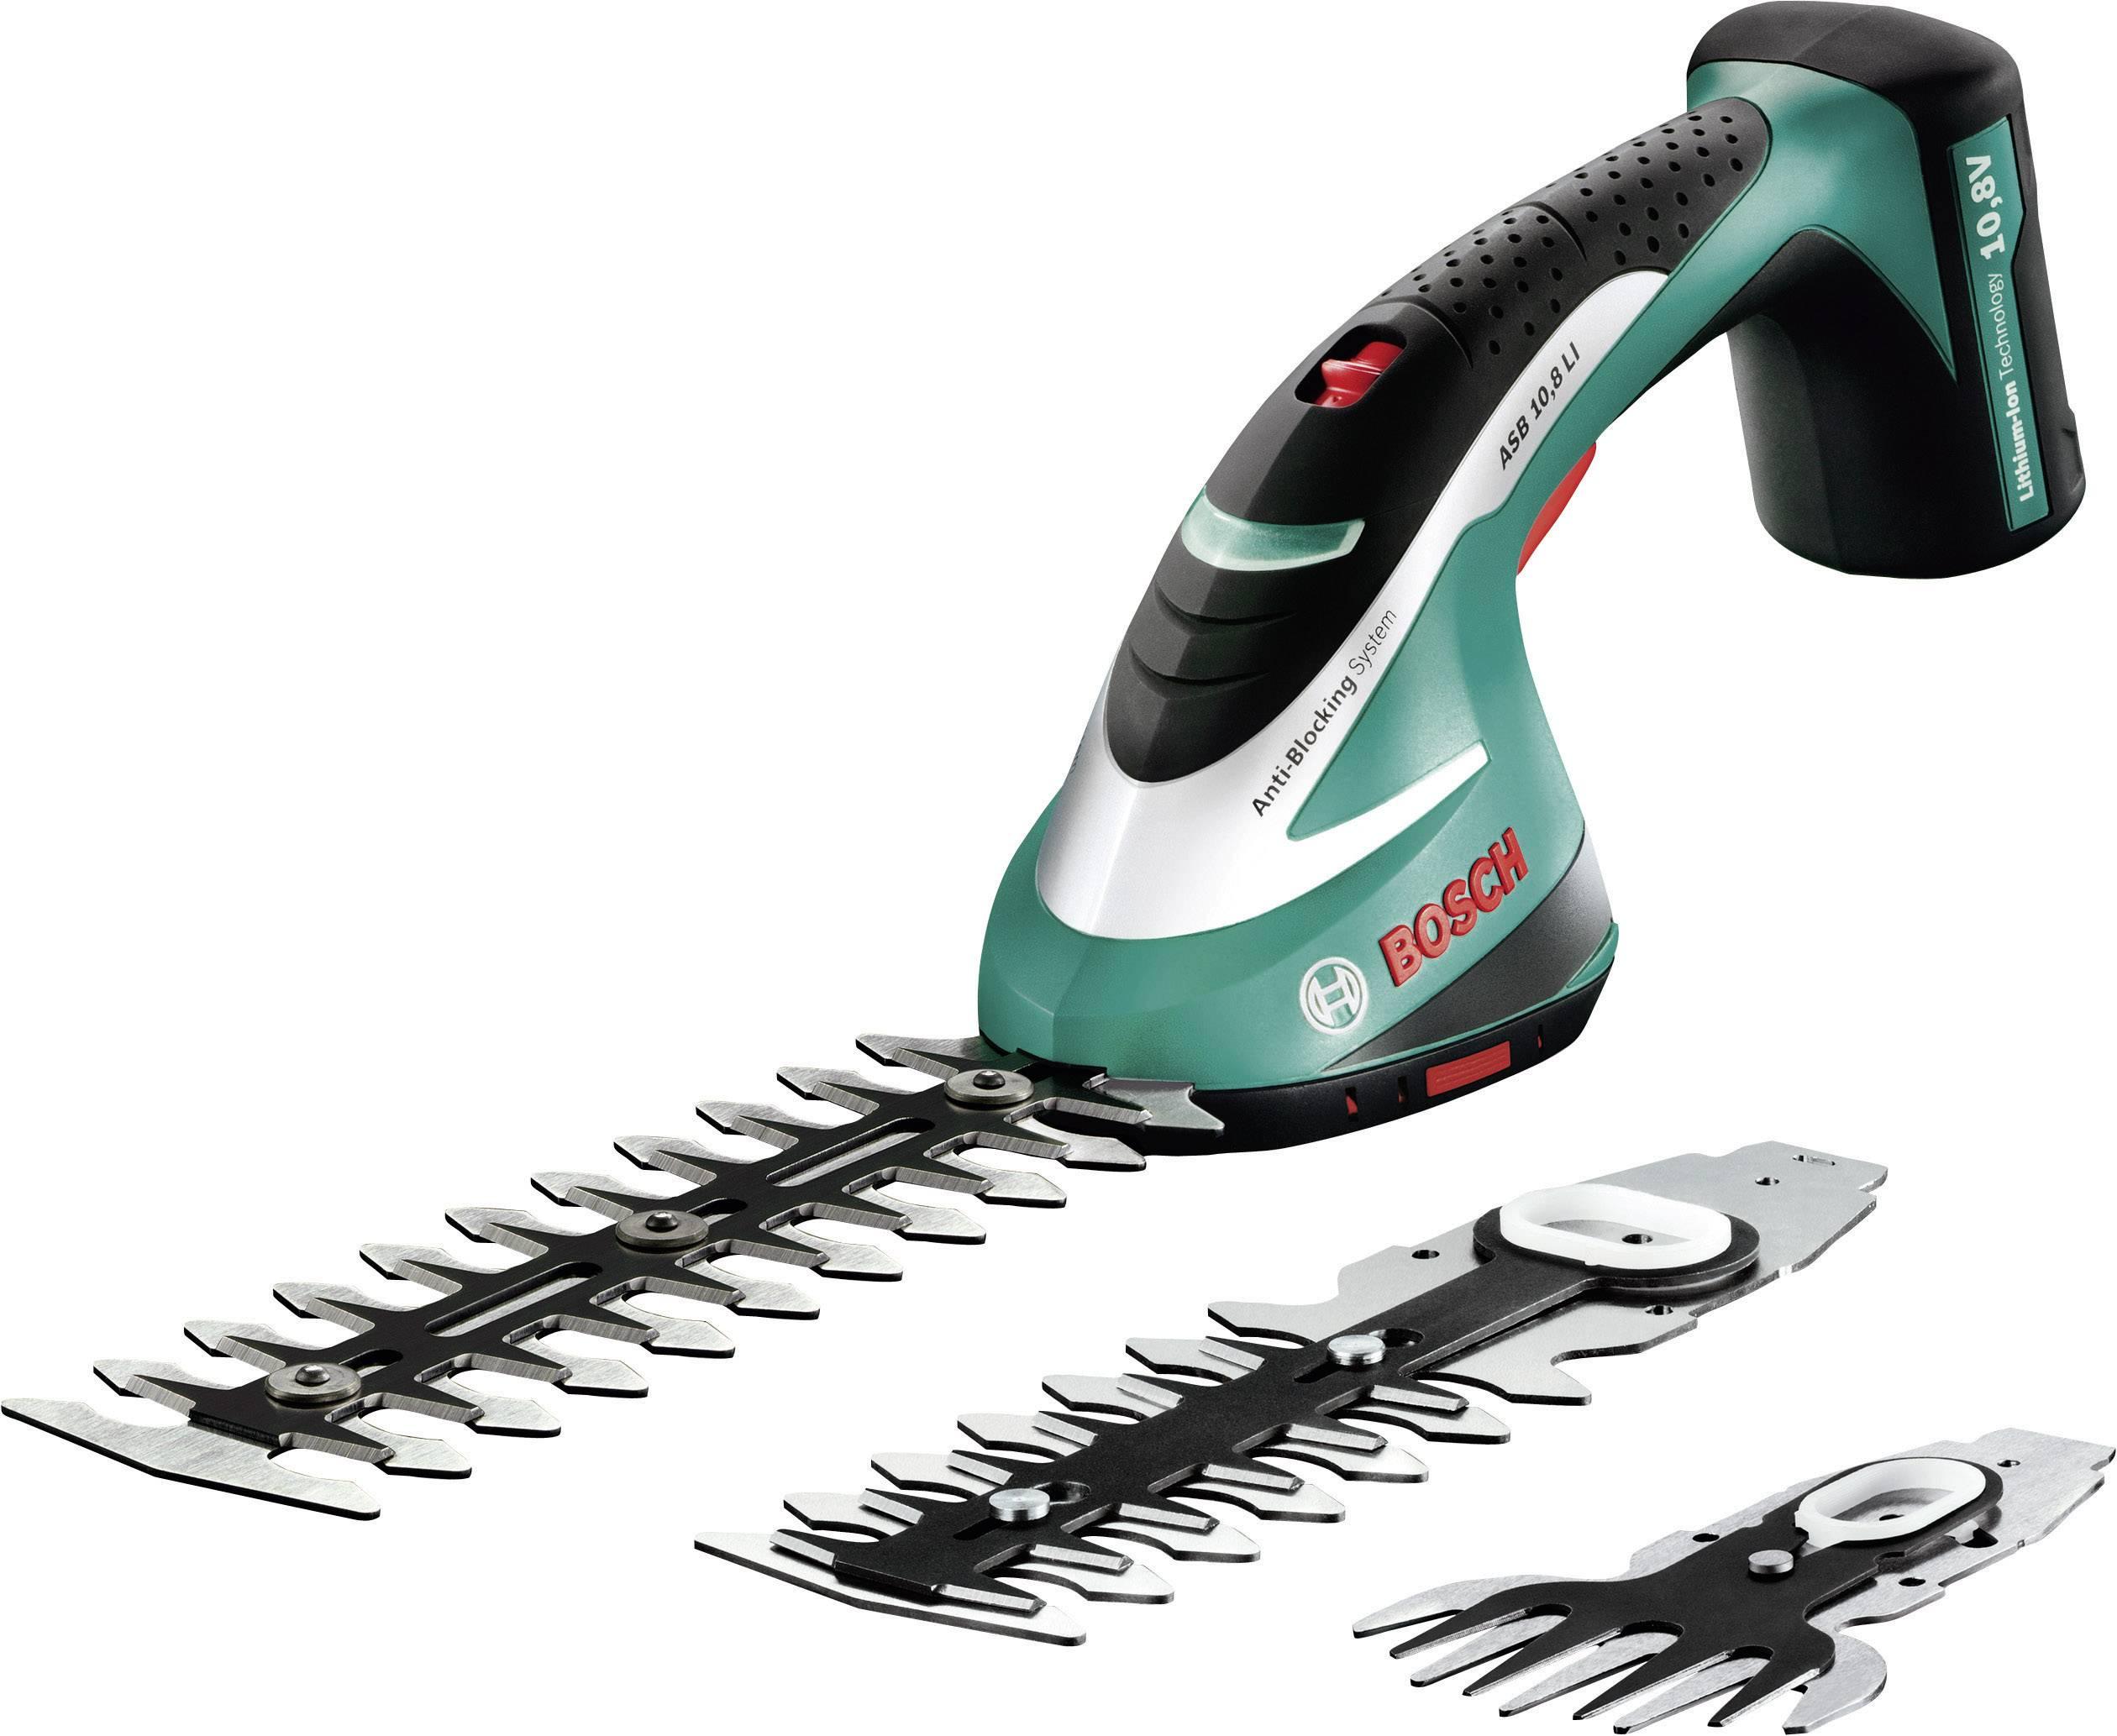 Nožnice na trávu, nožnice na kríky Bosch Home and Garden ASB 10,8 LI SET, na akumulátor